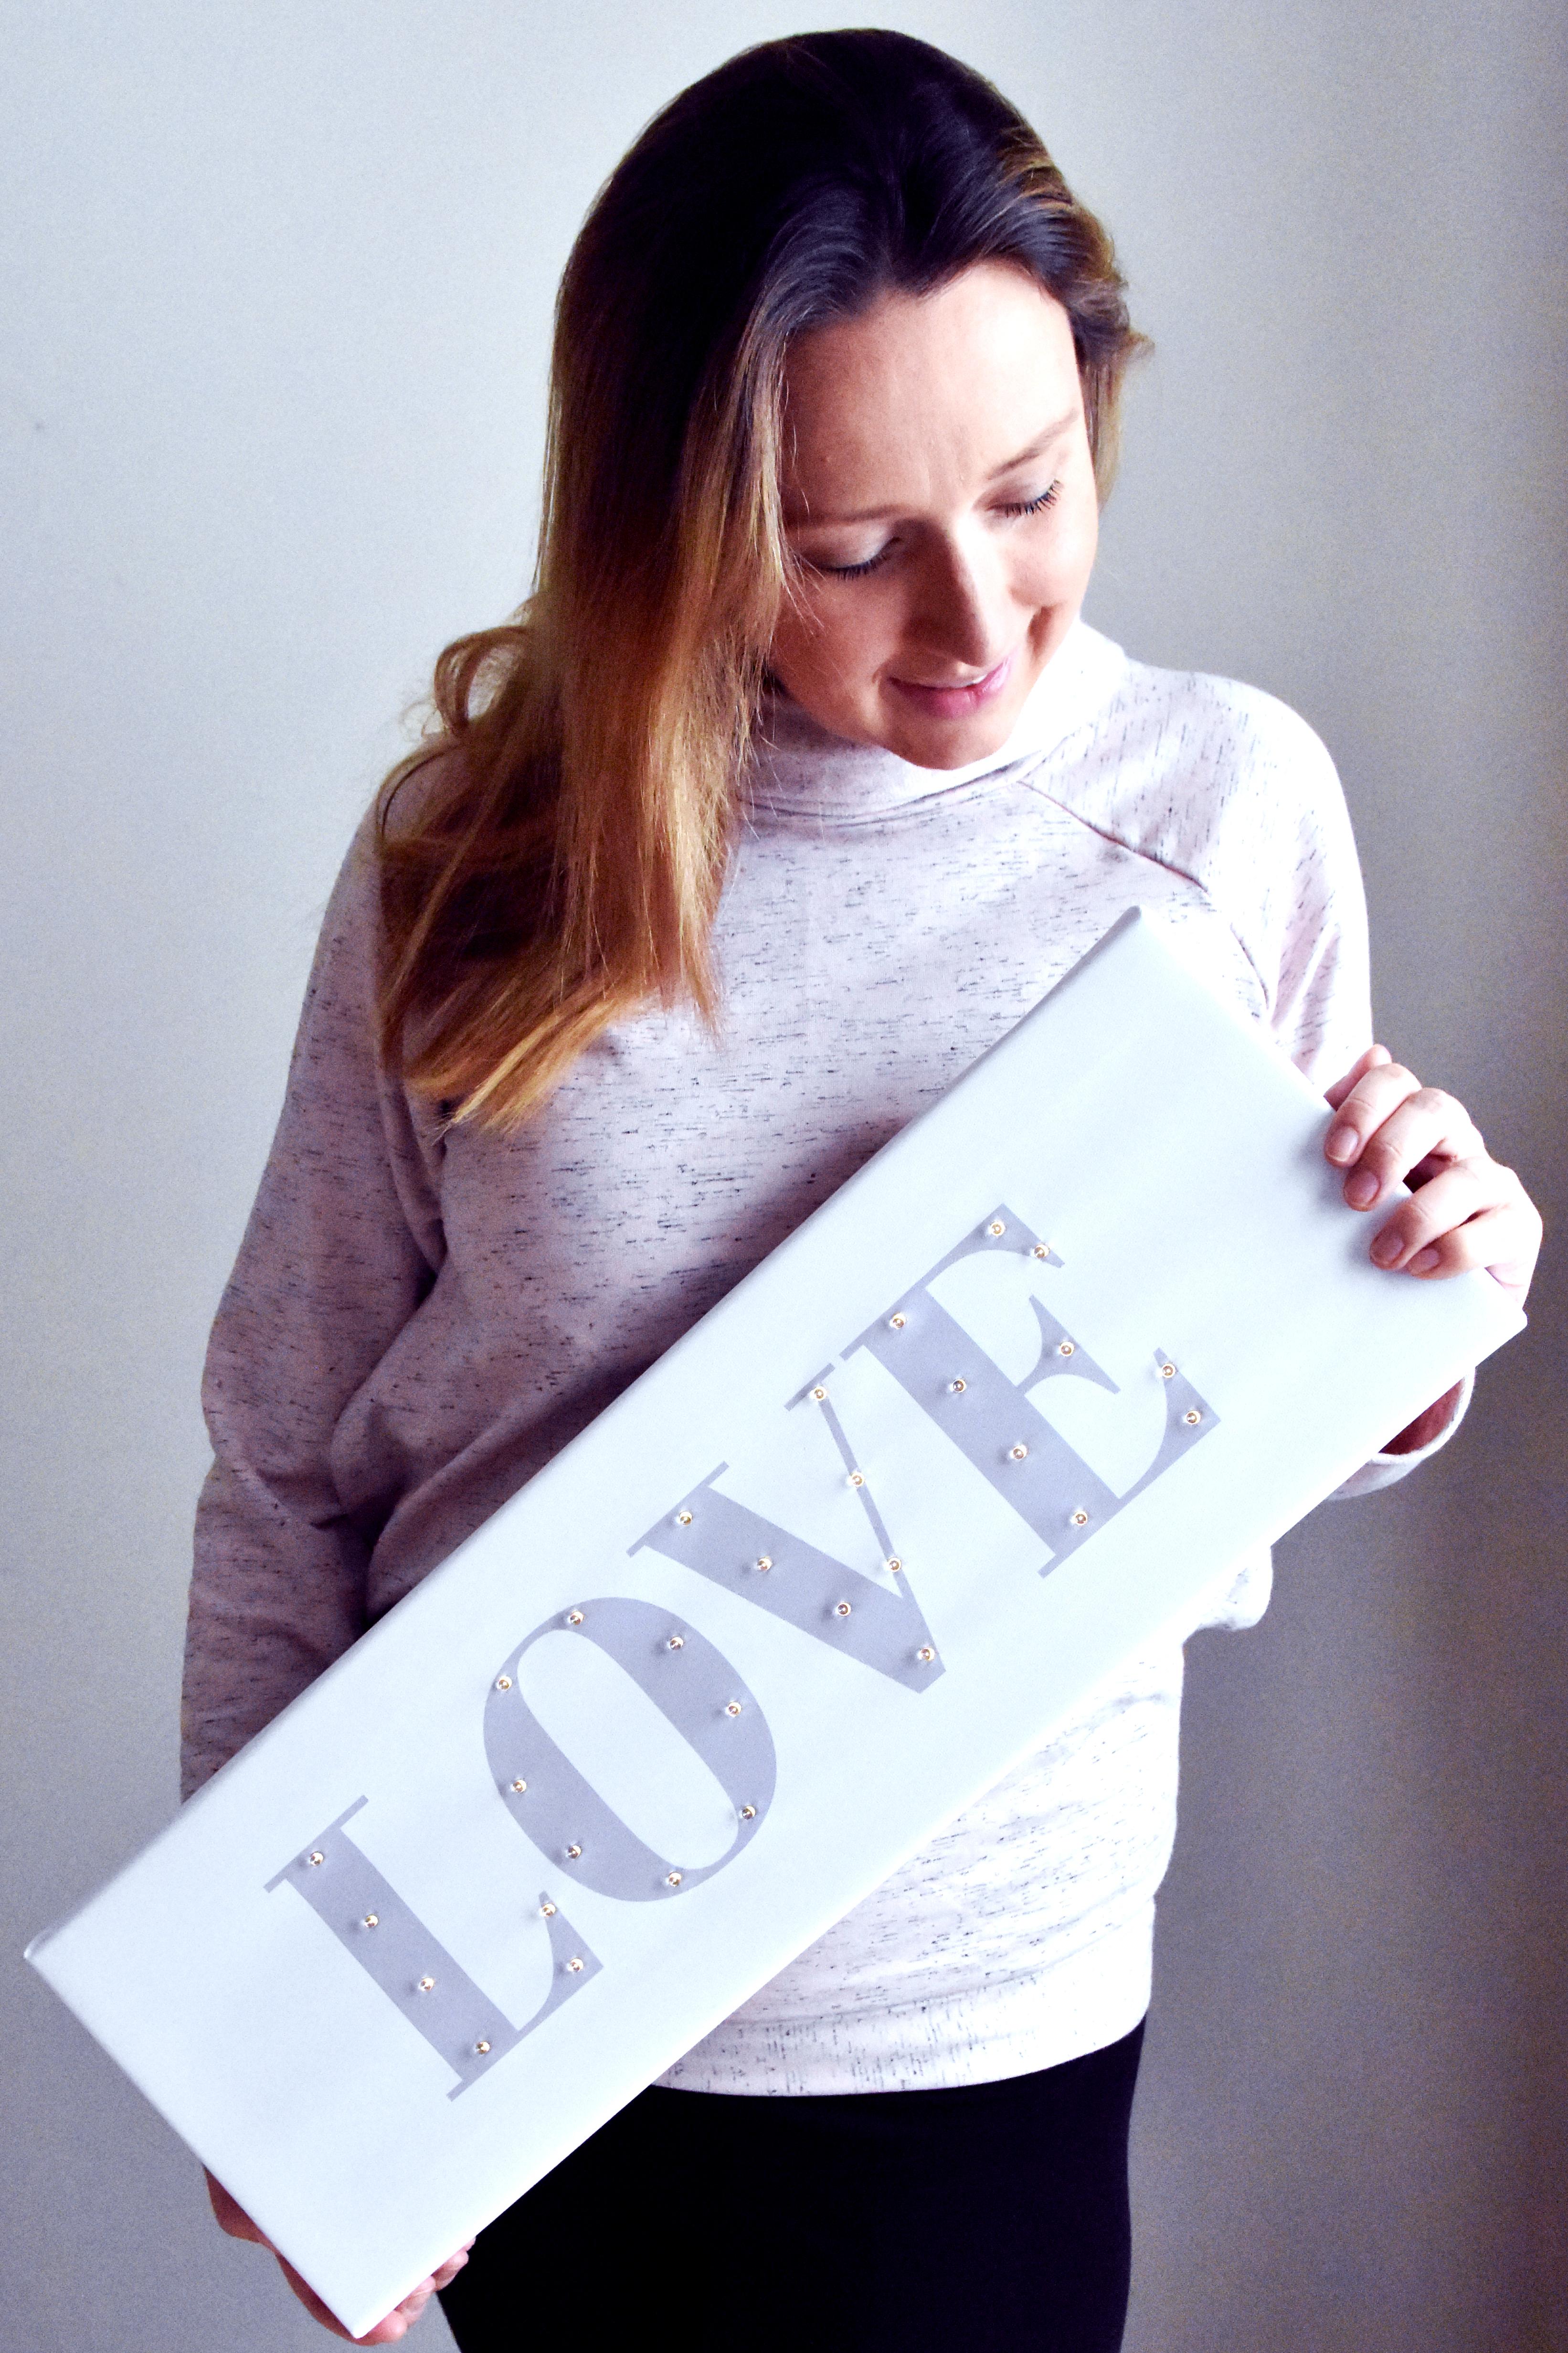 BlogStar: Anna Gzyra: Karmienie piersią? To nie takie proste! - BlogStar.pl